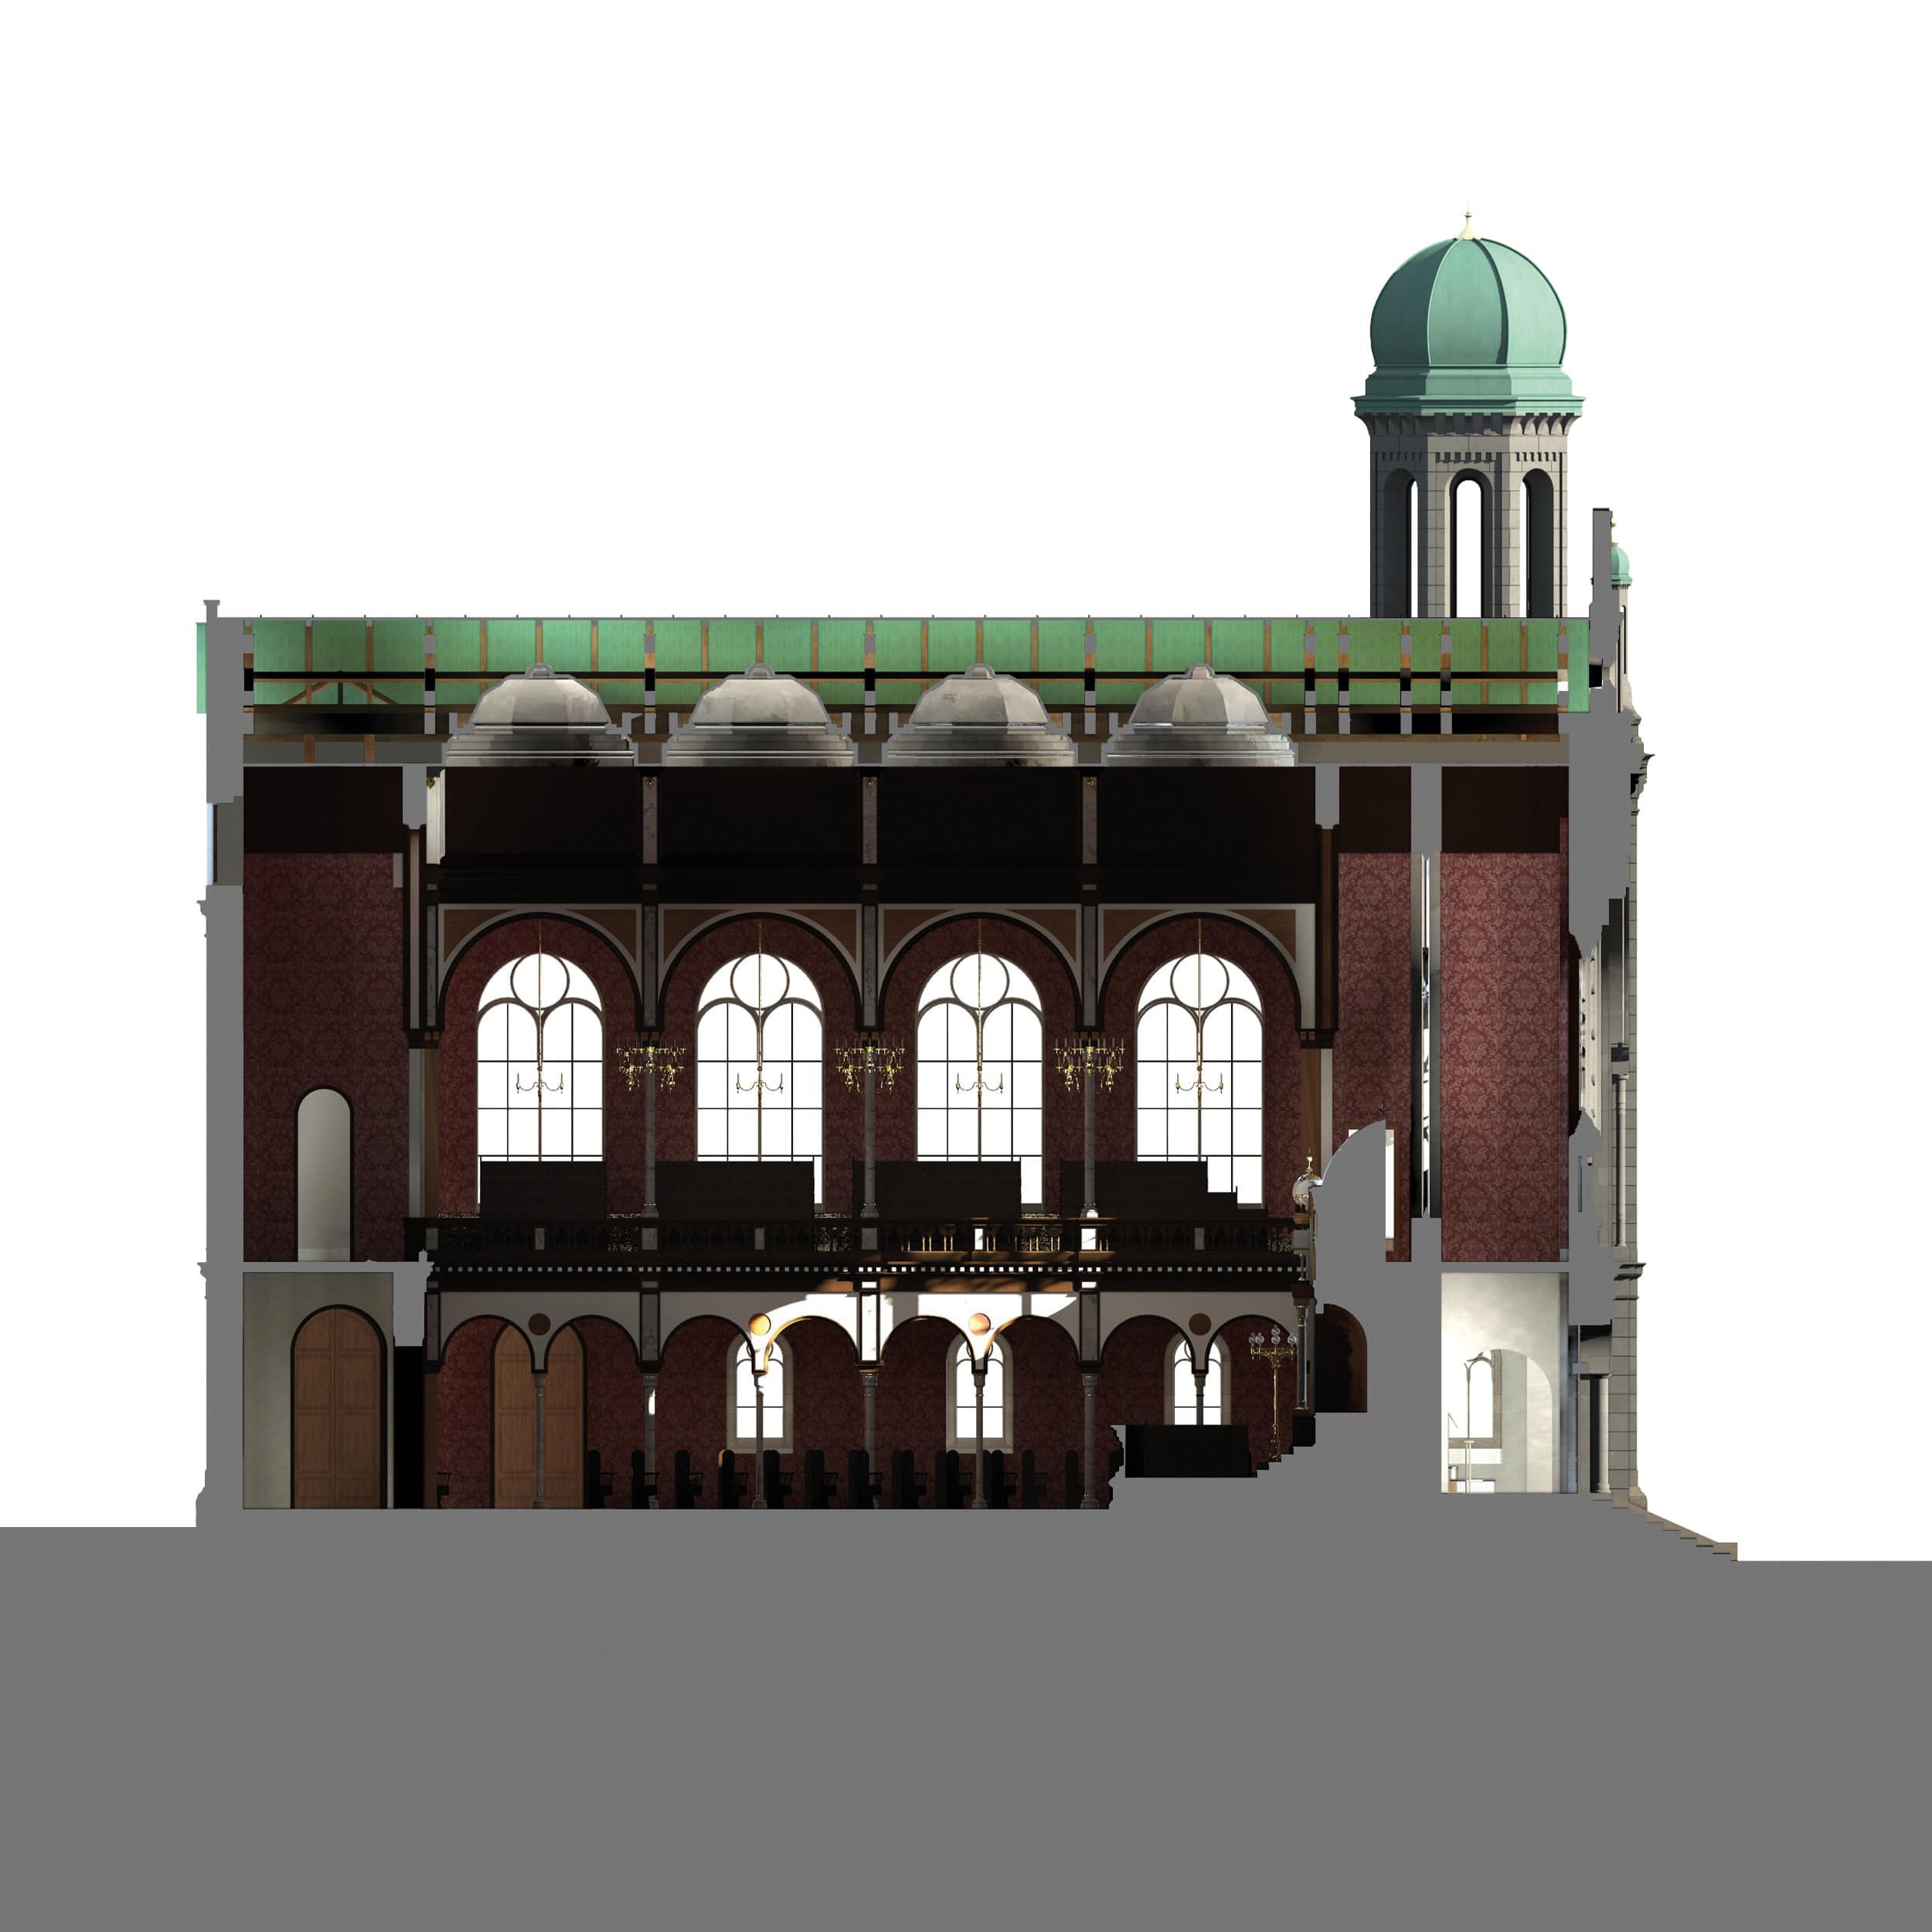 Visualisierung der Synagoge Marienbad, 3D-Längsschnitt